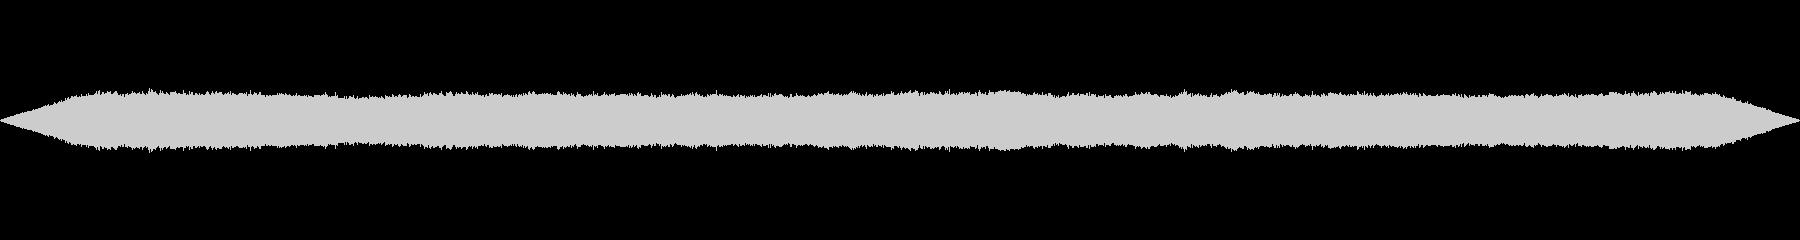 ジー サー ノイズ ホワイトノイズの未再生の波形